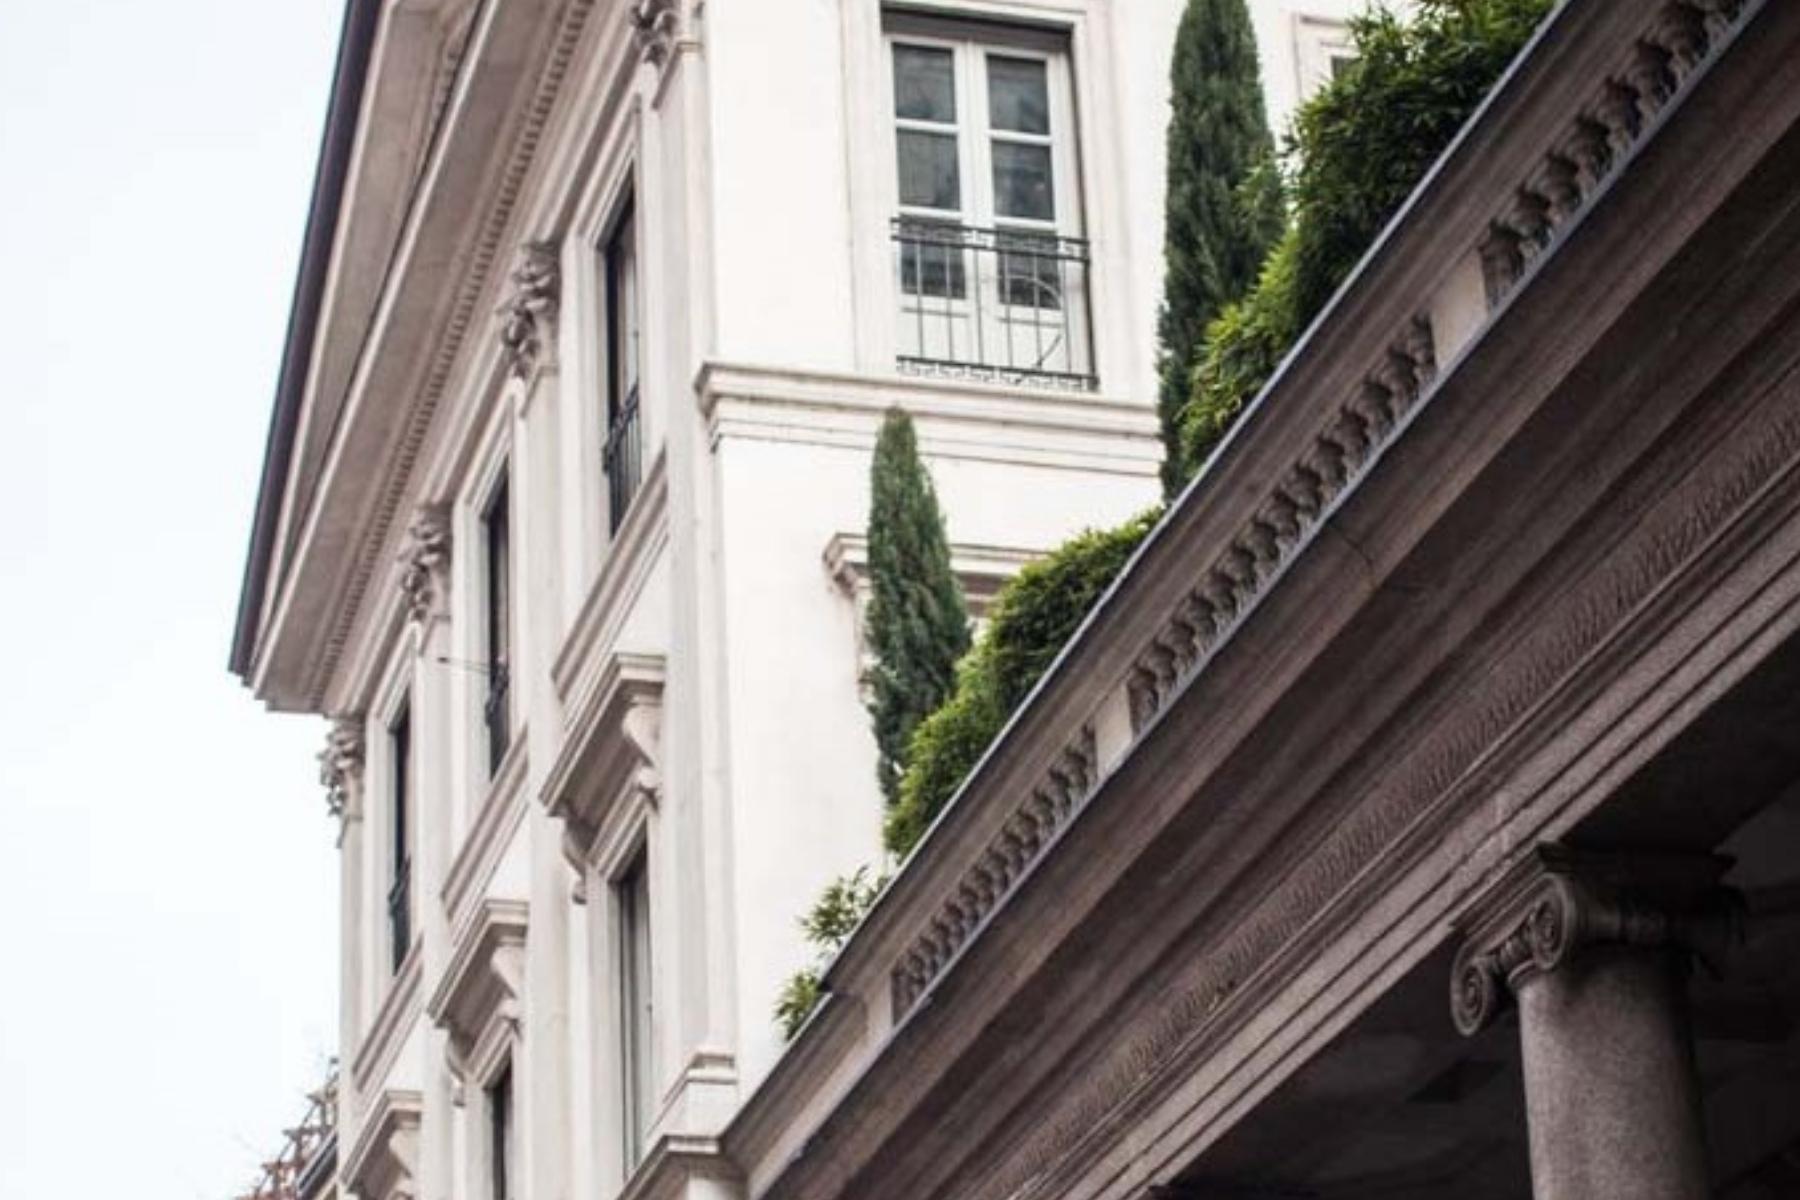 Visita letteraria: Carlo Porta a Milano